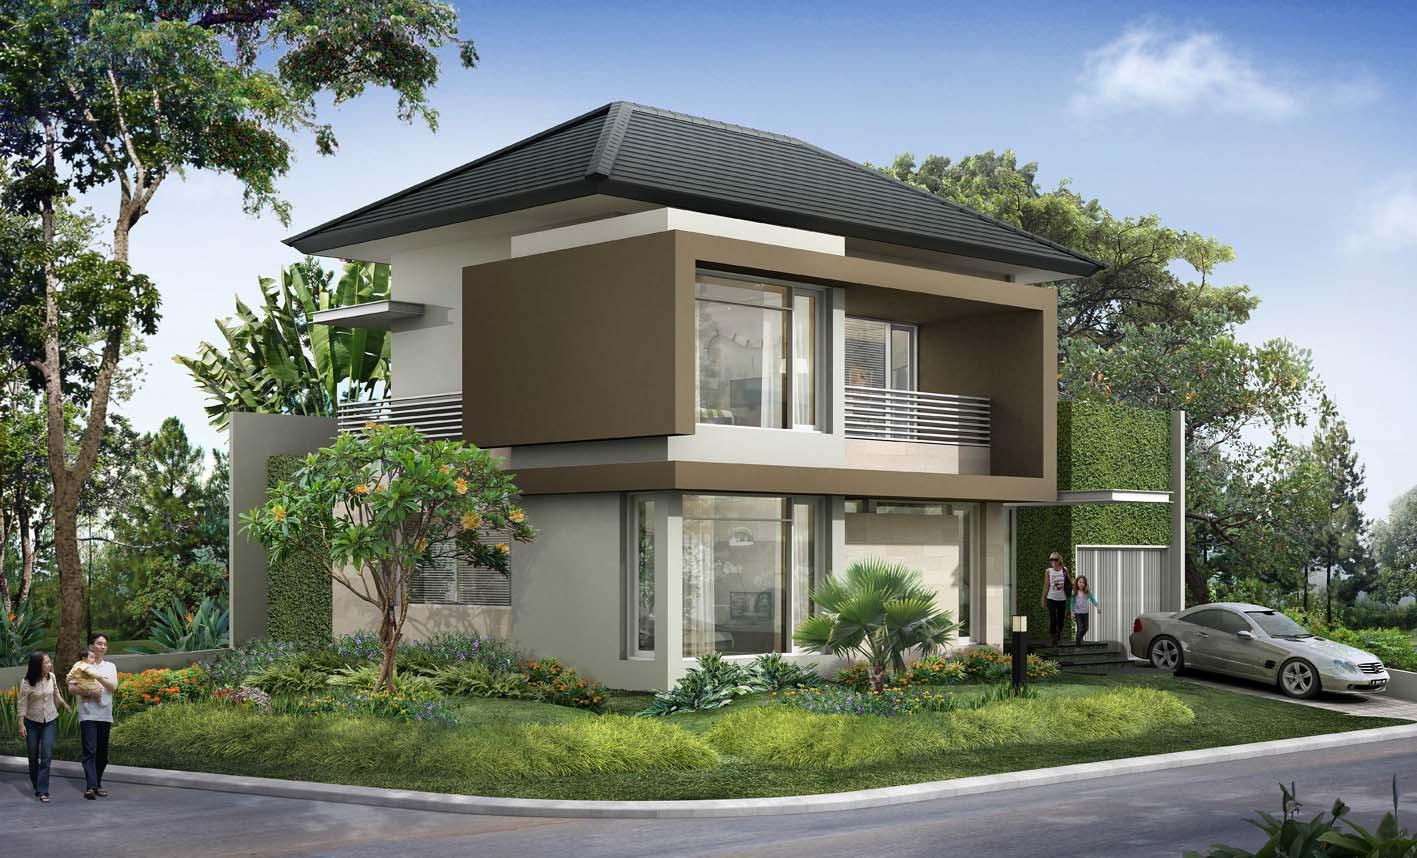 218 Contoh Desain Rumah Minimalis 2 Lantai Hook Gambar Rumah Idaman